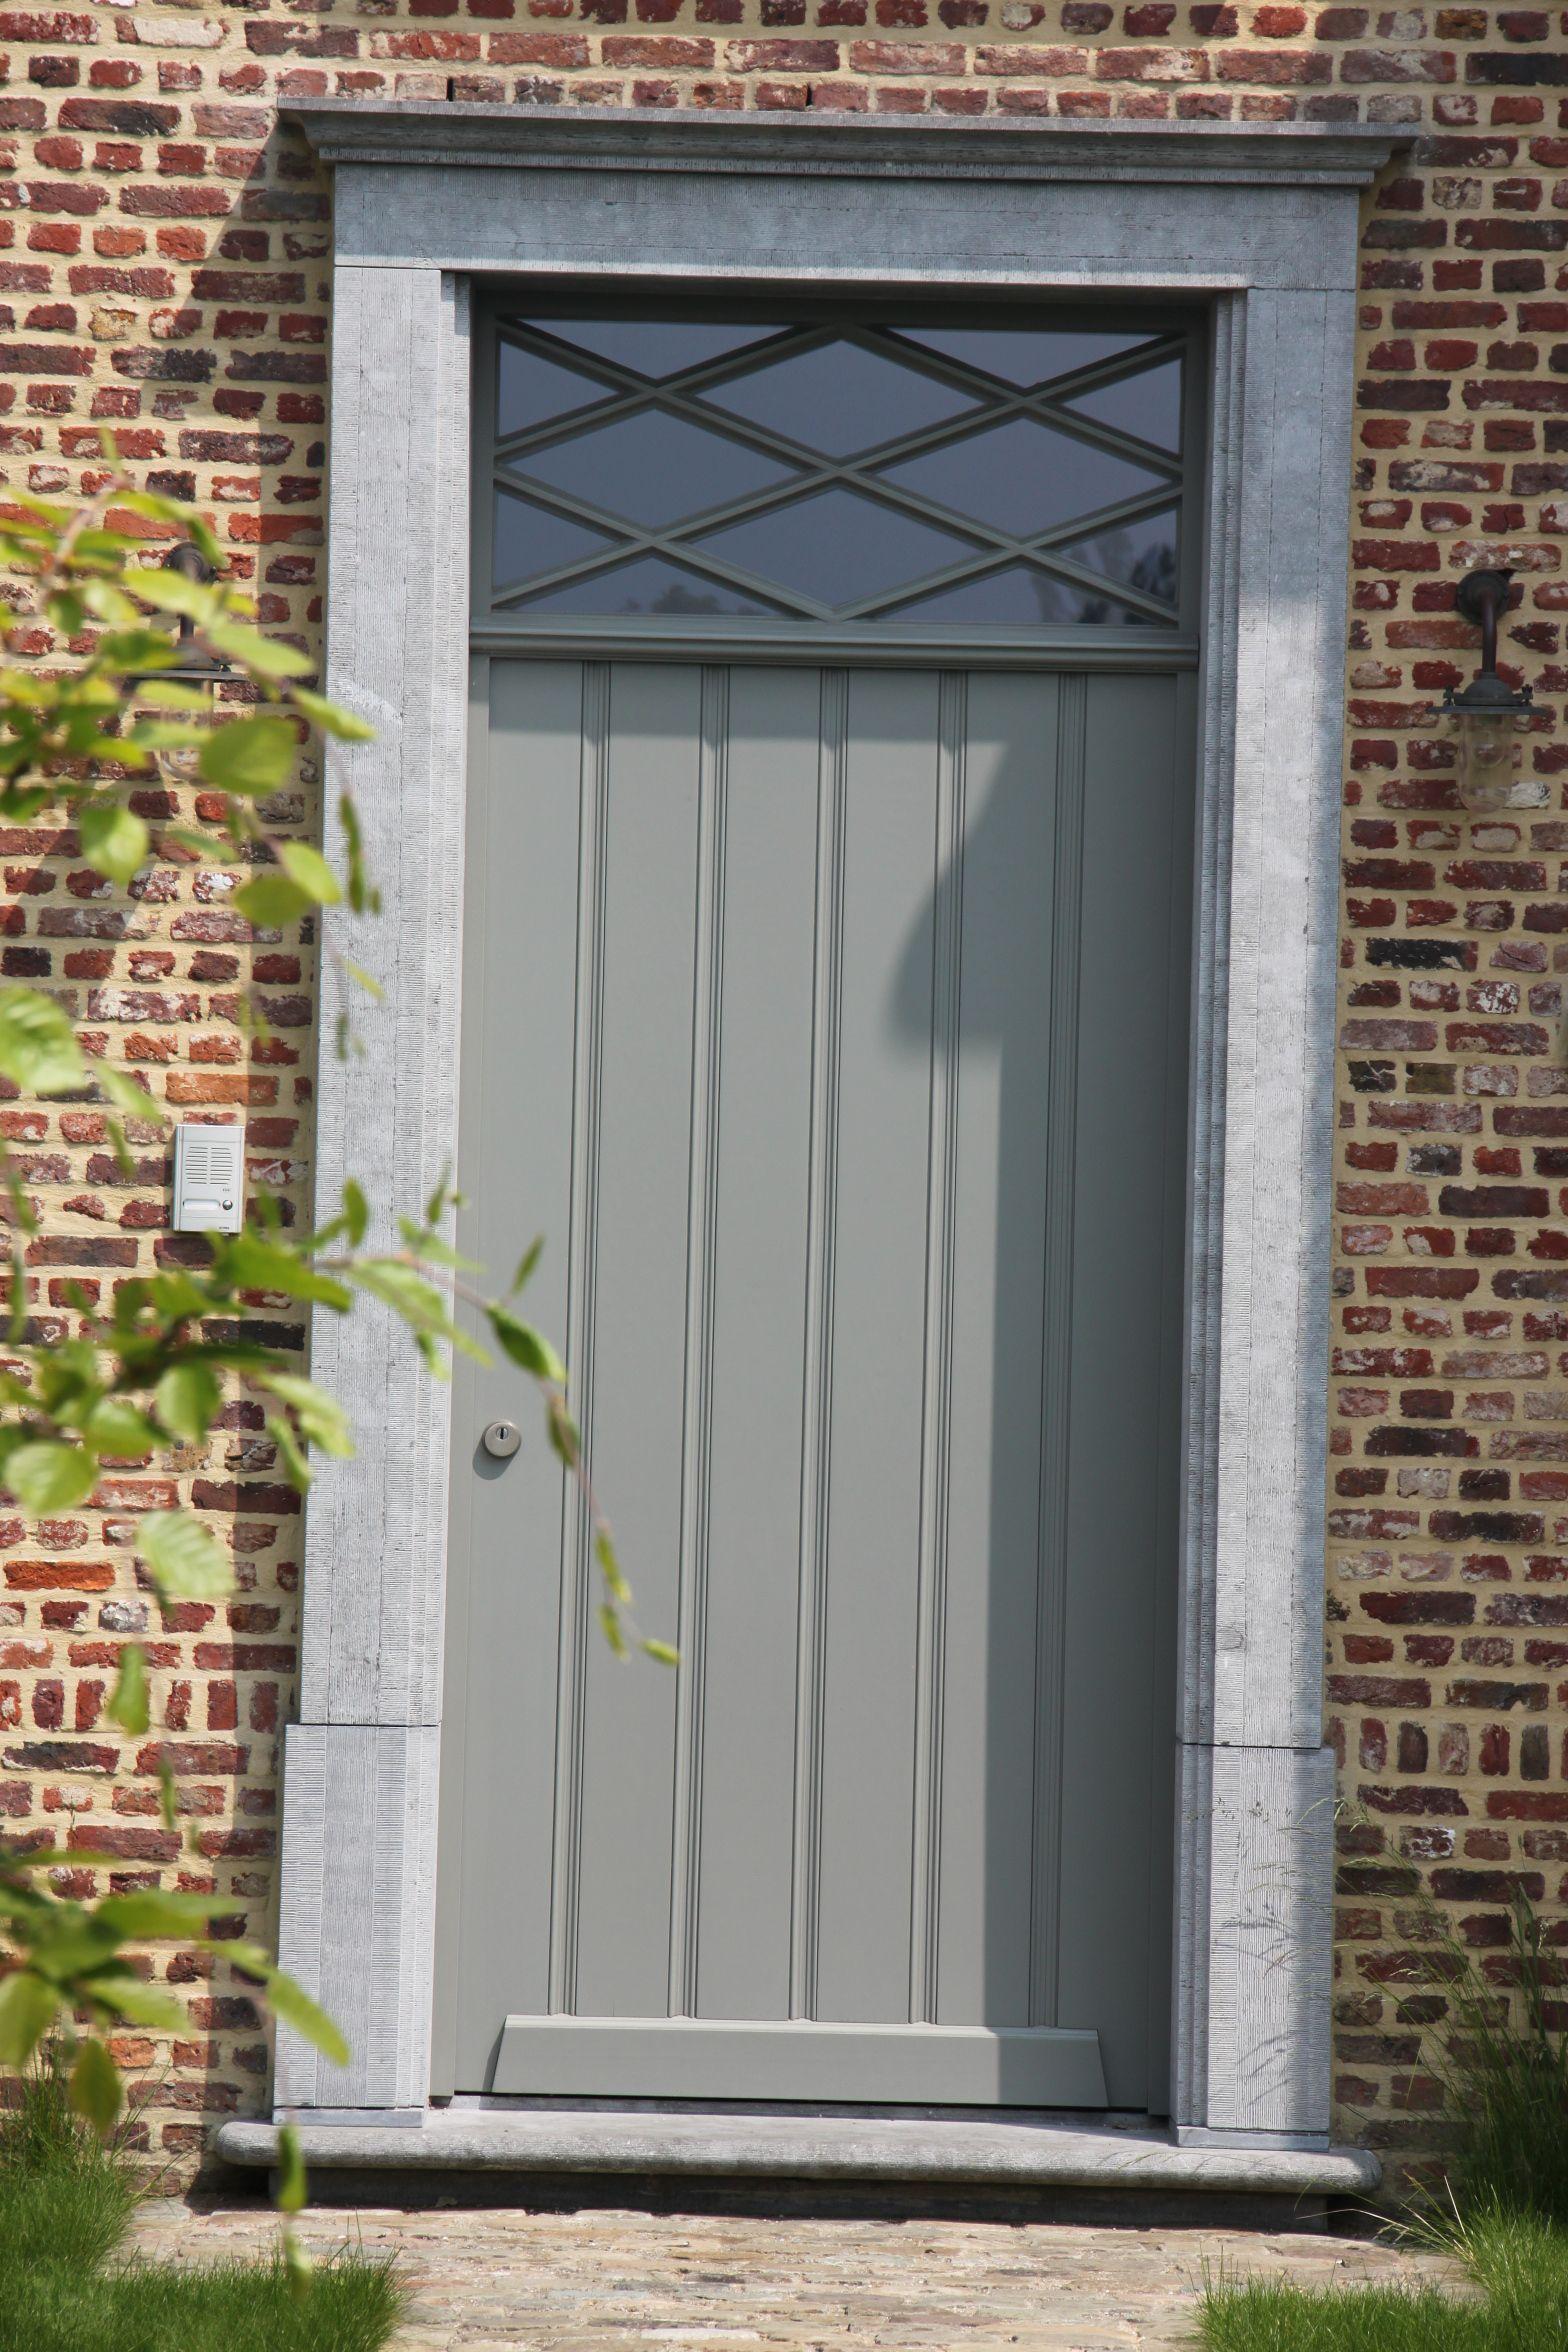 Haus außentor design hout  deuren ramen poorten  tür u fenster  pinterest  house